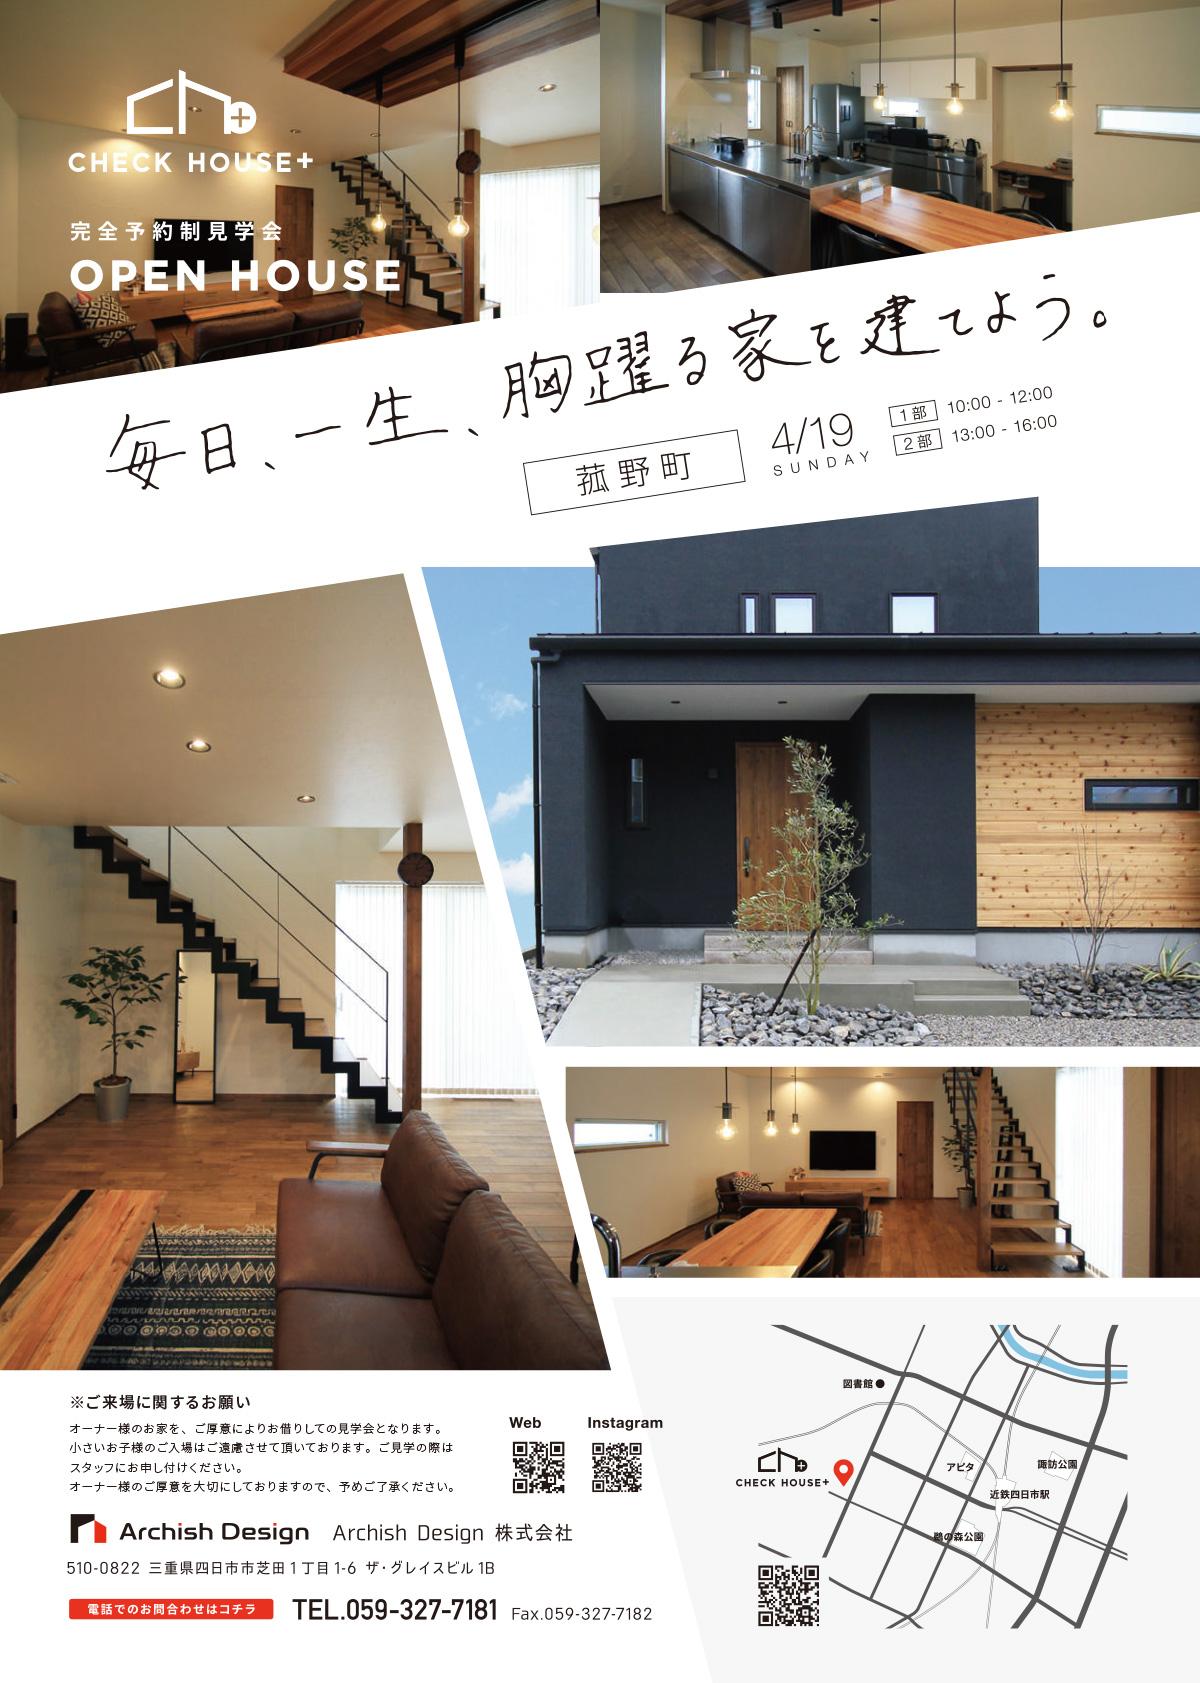 CHECKHOUSE+ 三重県菰野町 OPENHOUSE <4/19>